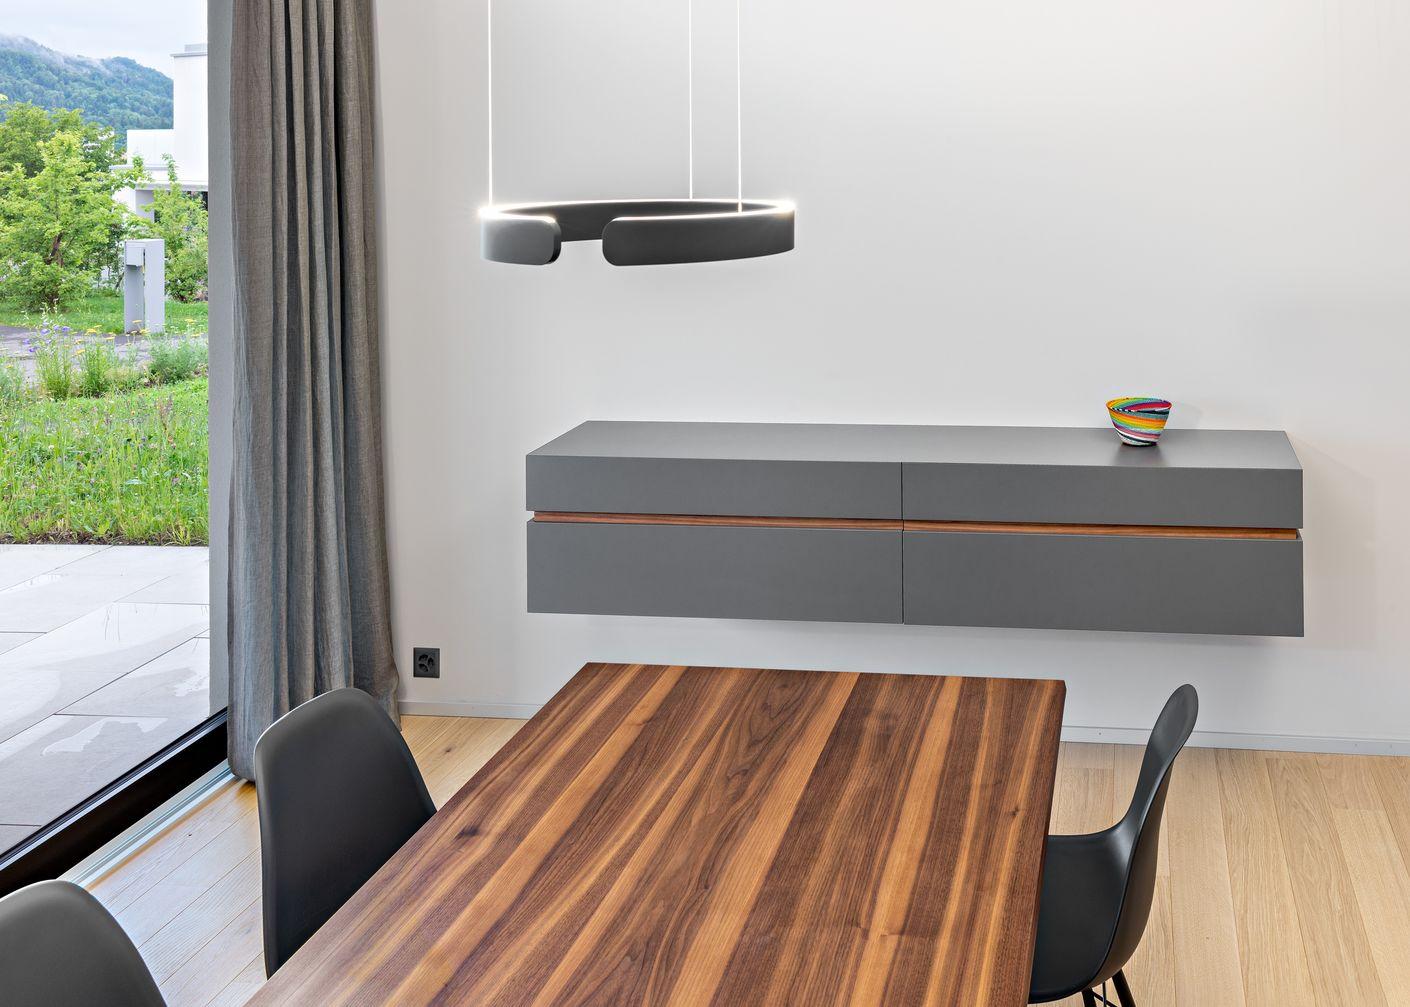 Ein Hingucker! Wandboard mit durchgehender Ziernut aus Holz, passend zum Tisch. Links befinden sich zwei leise schliessende Schubladen, rechts eine Klappe für die Hausbar. Idee und Konzept: Zahner Interiors GmbH Zürich, Matthias Zahner